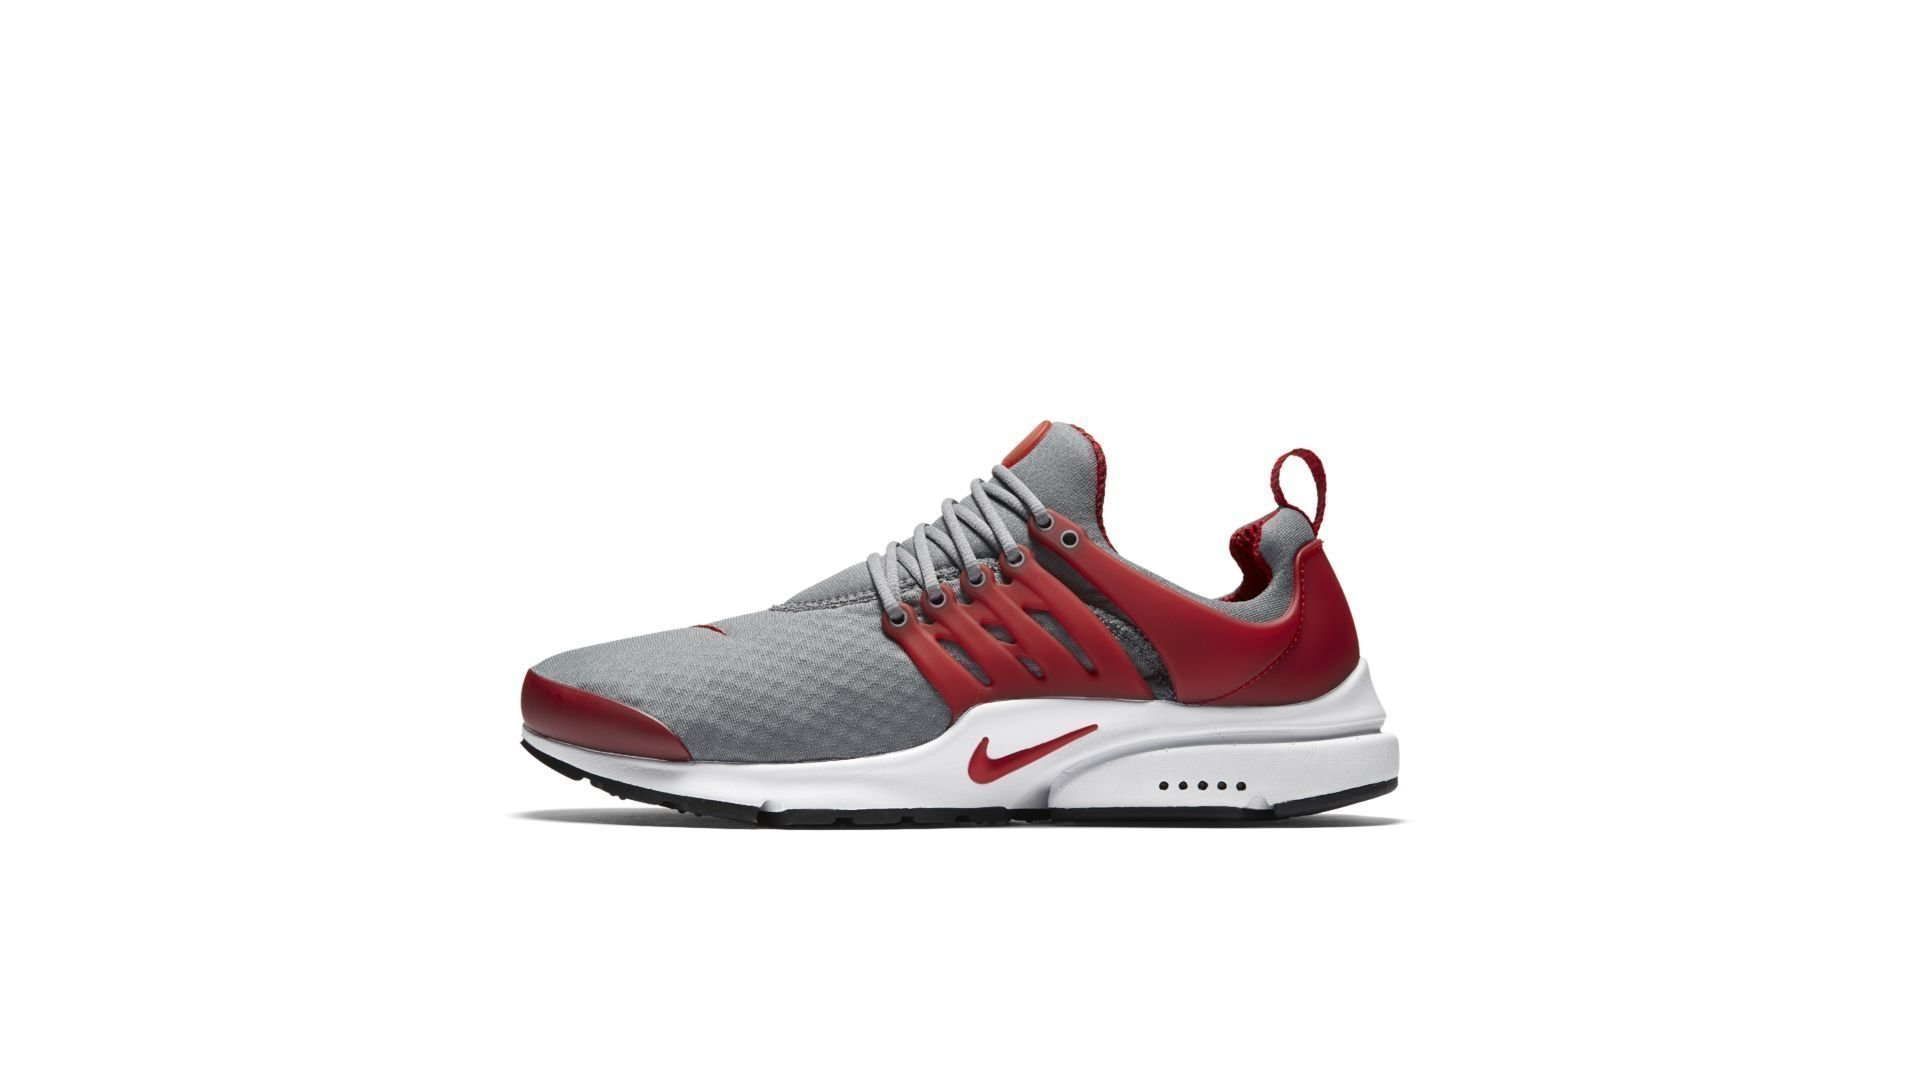 Nike Air Presto Cool Grey Gym Red (848187-008)